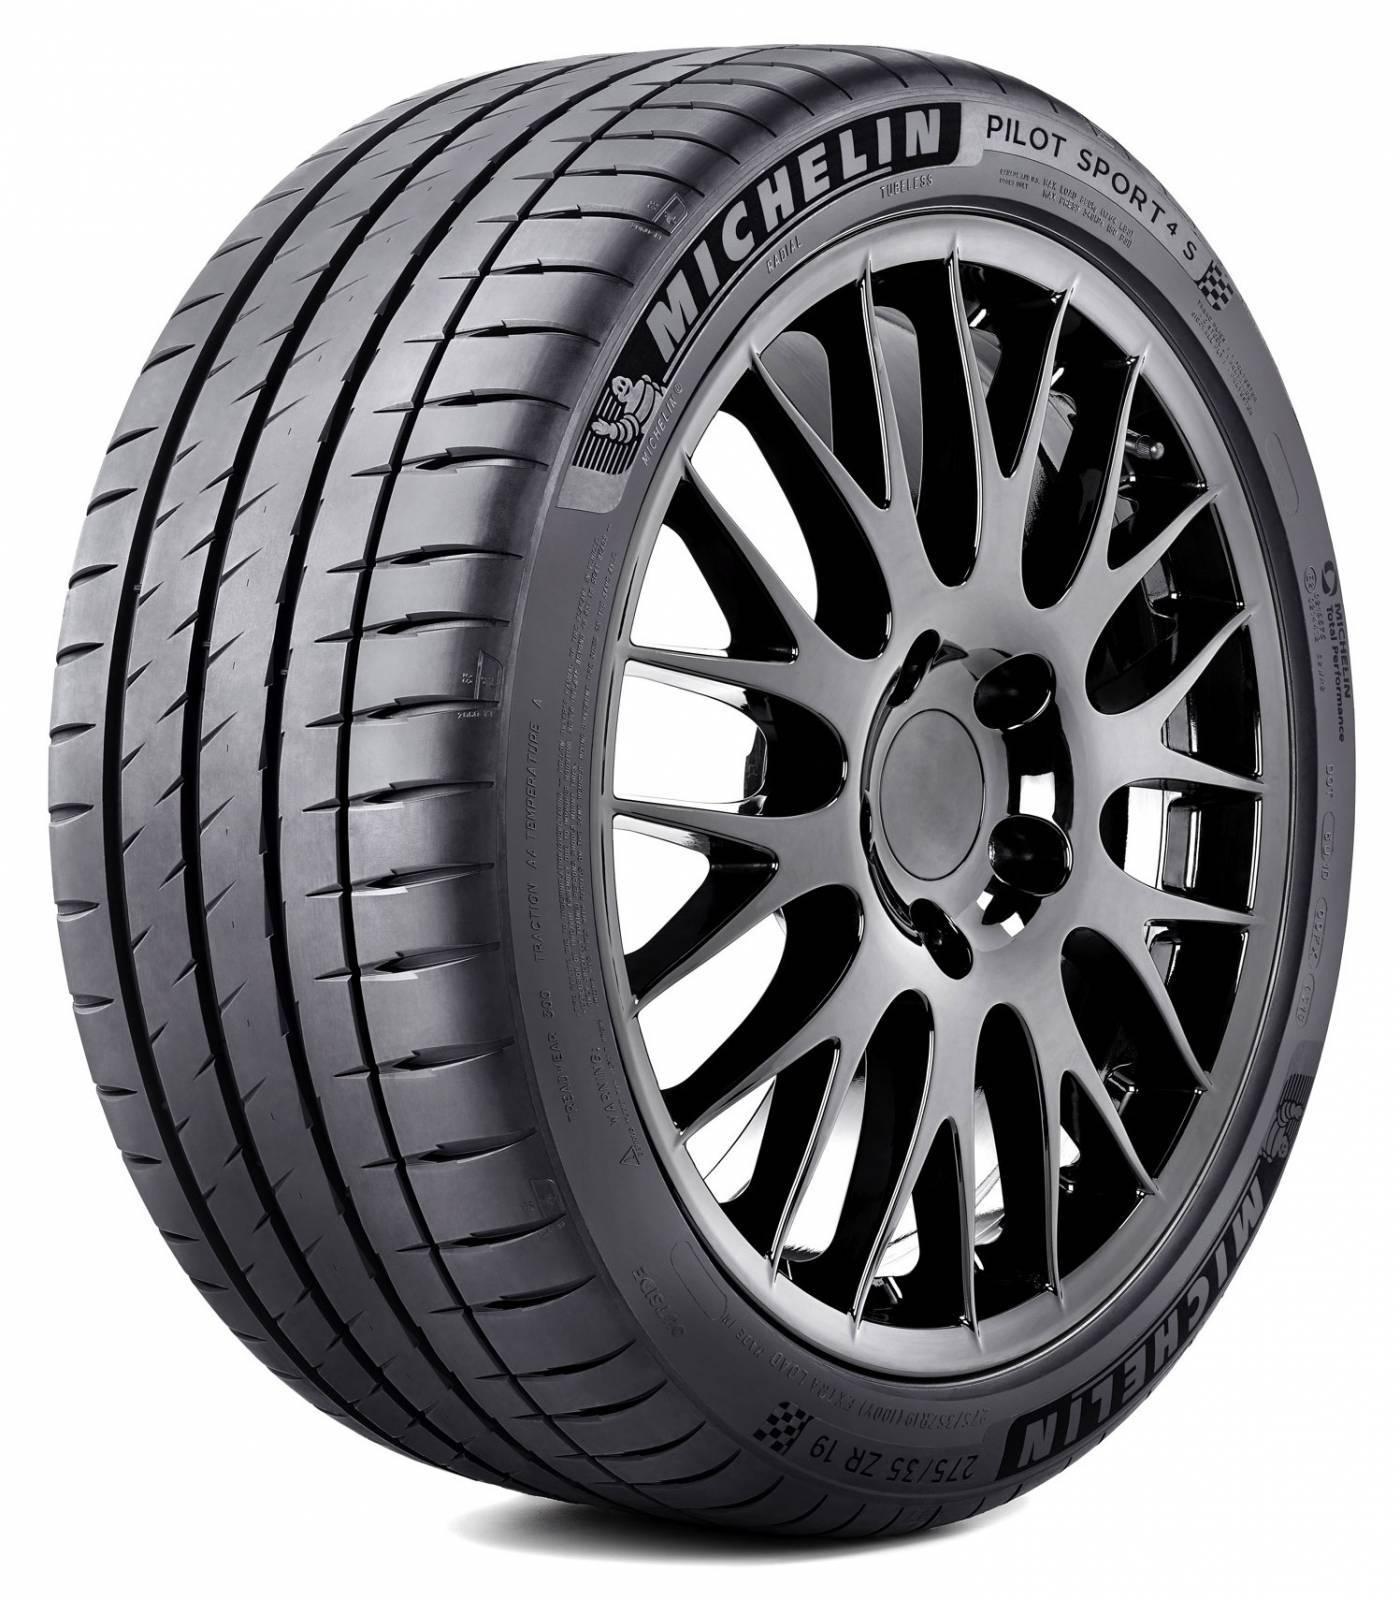 Pneu Michelin Pilot Sport 4 S 255/40 R19 100Y - ATS Pneus